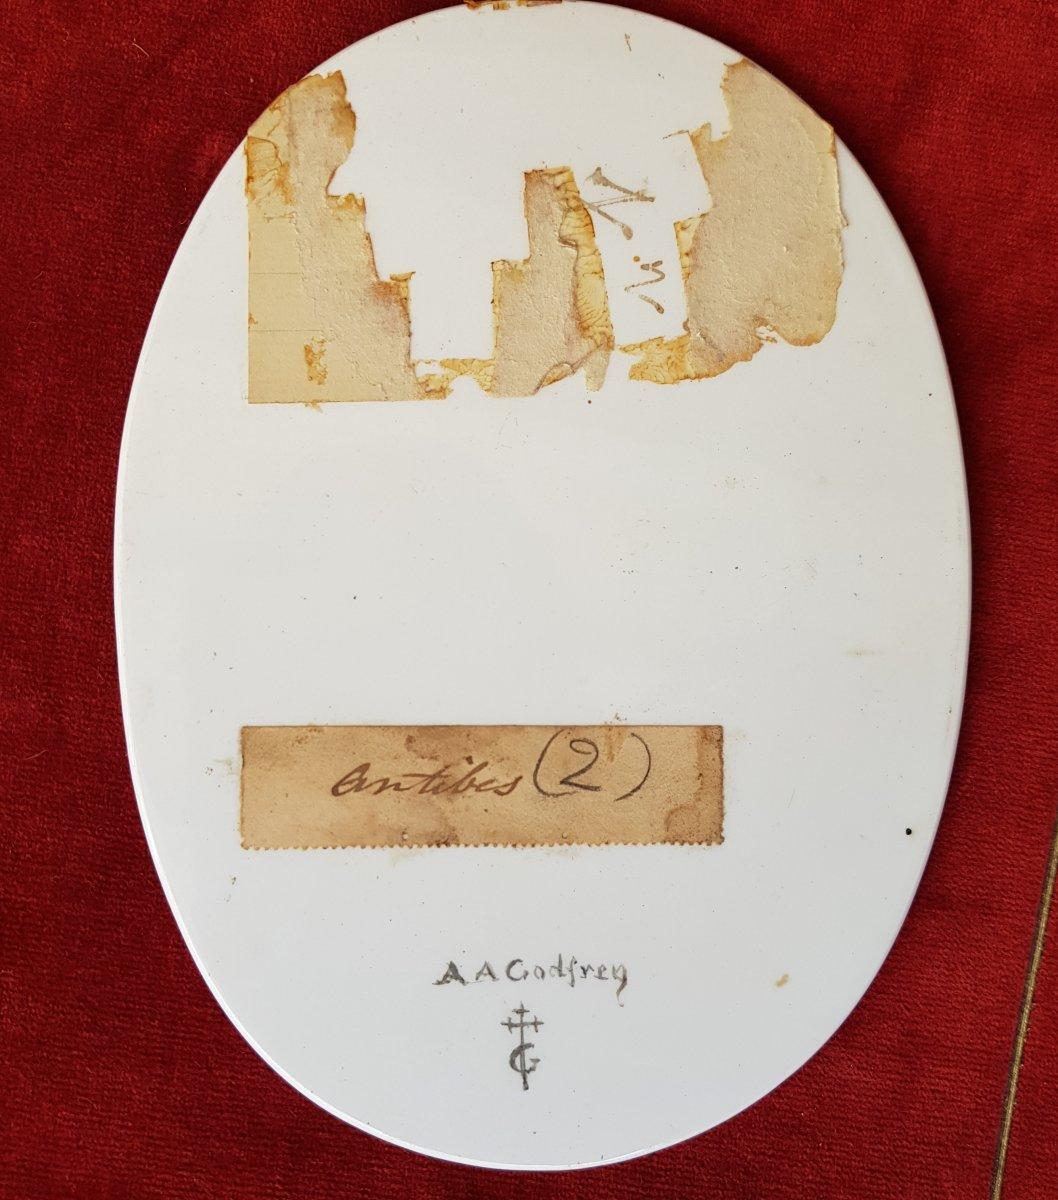 4 Vues De Cannes,antibes,poggio Et San Remo Plaques Ceramique Adélaide Anne Godfrey (1827-1915)-photo-1